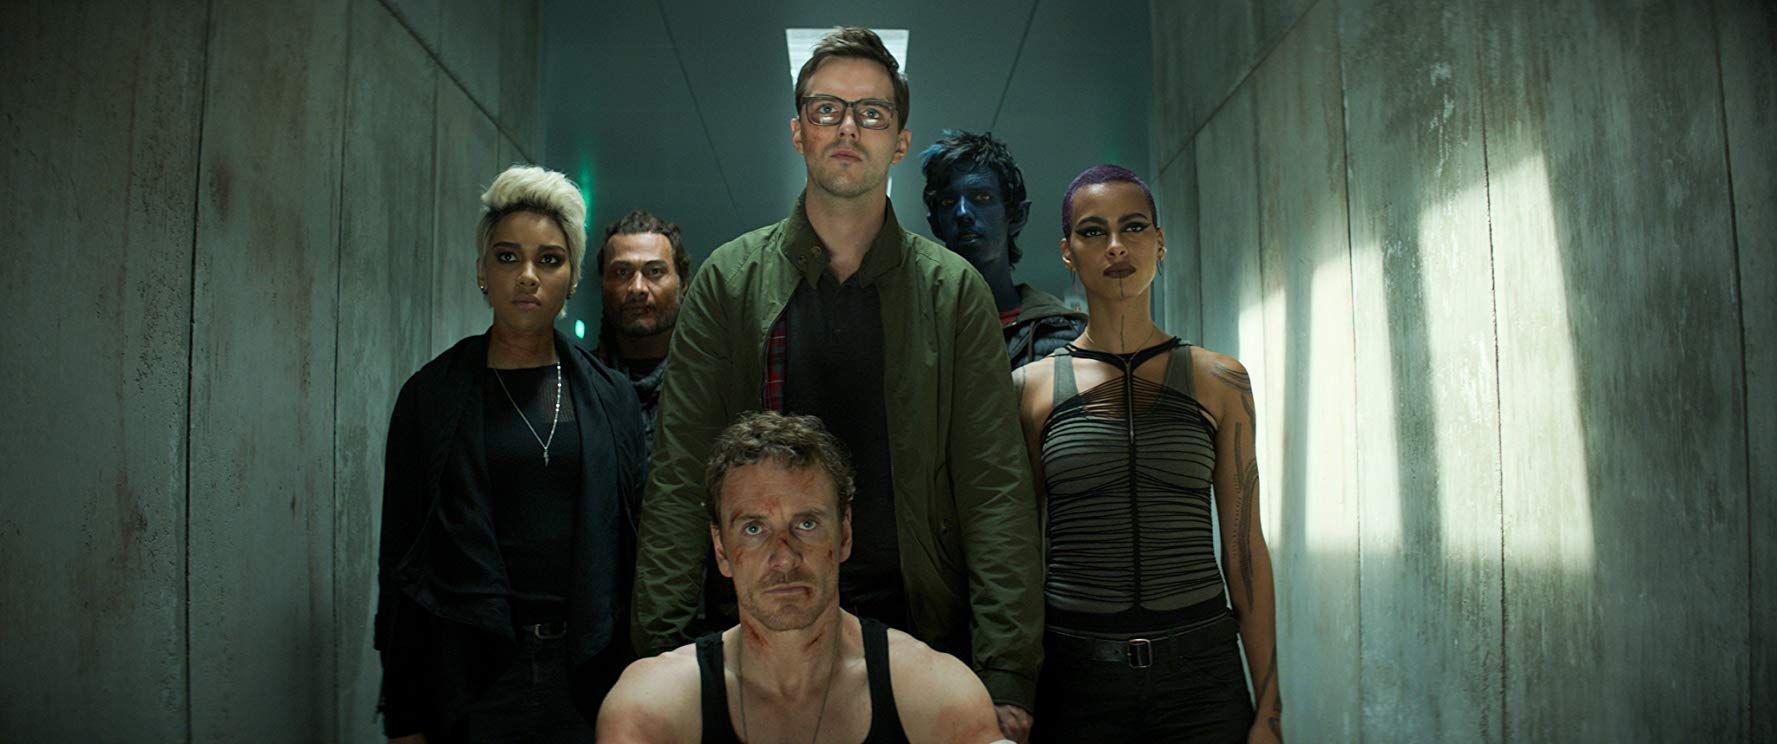 X-Men: Este es el ránking de las películas - Universo mutante